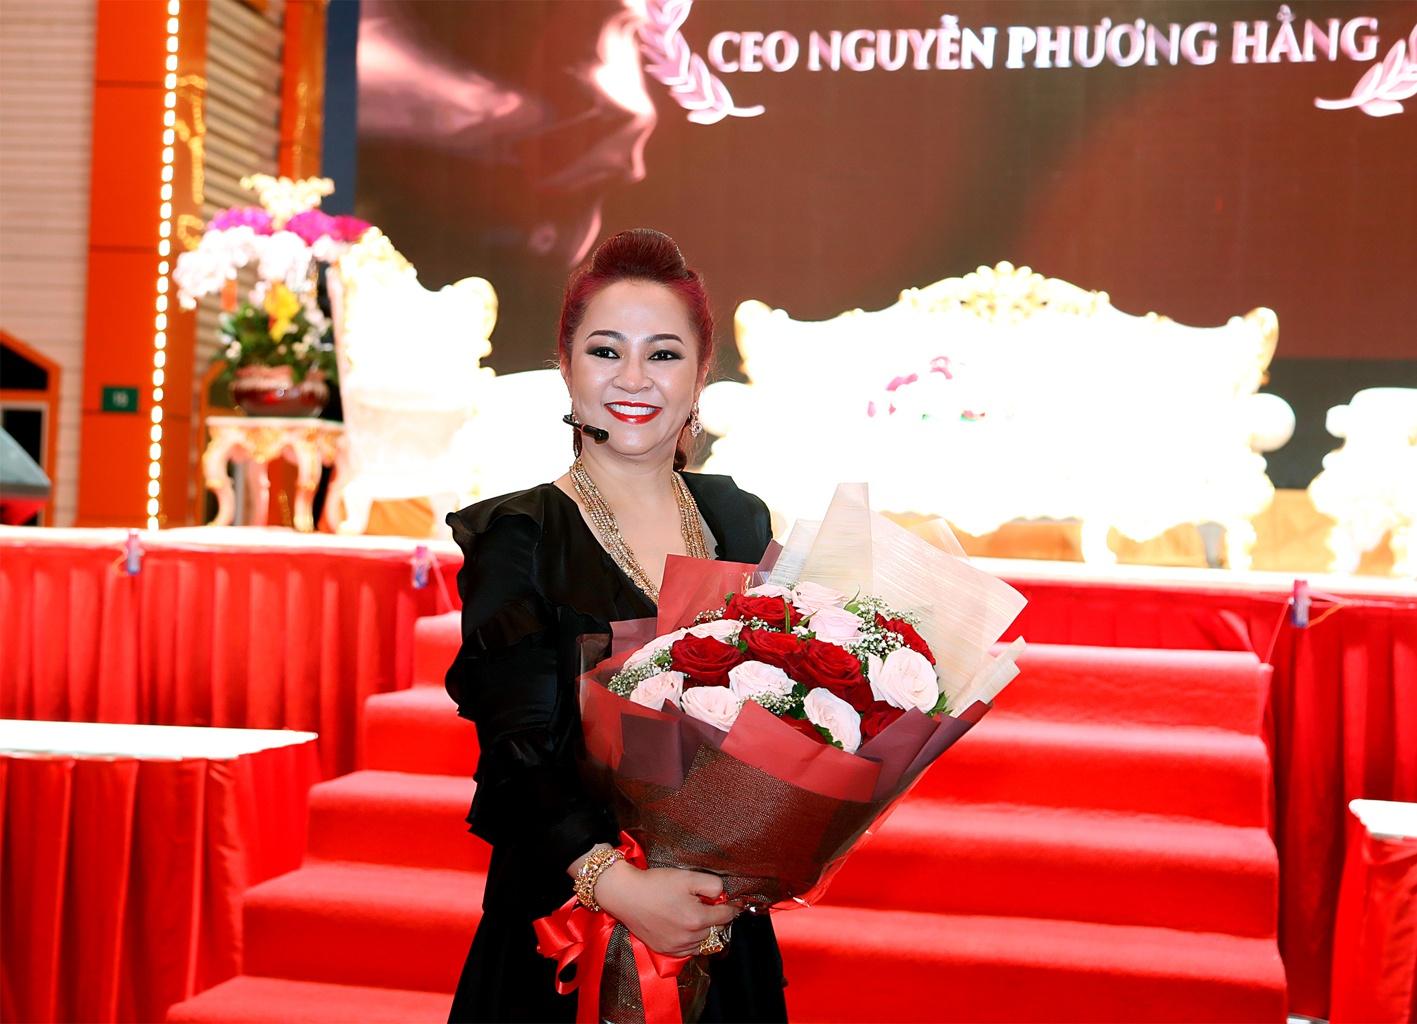 hien tuong Nguyen Phuong Hang anh 2